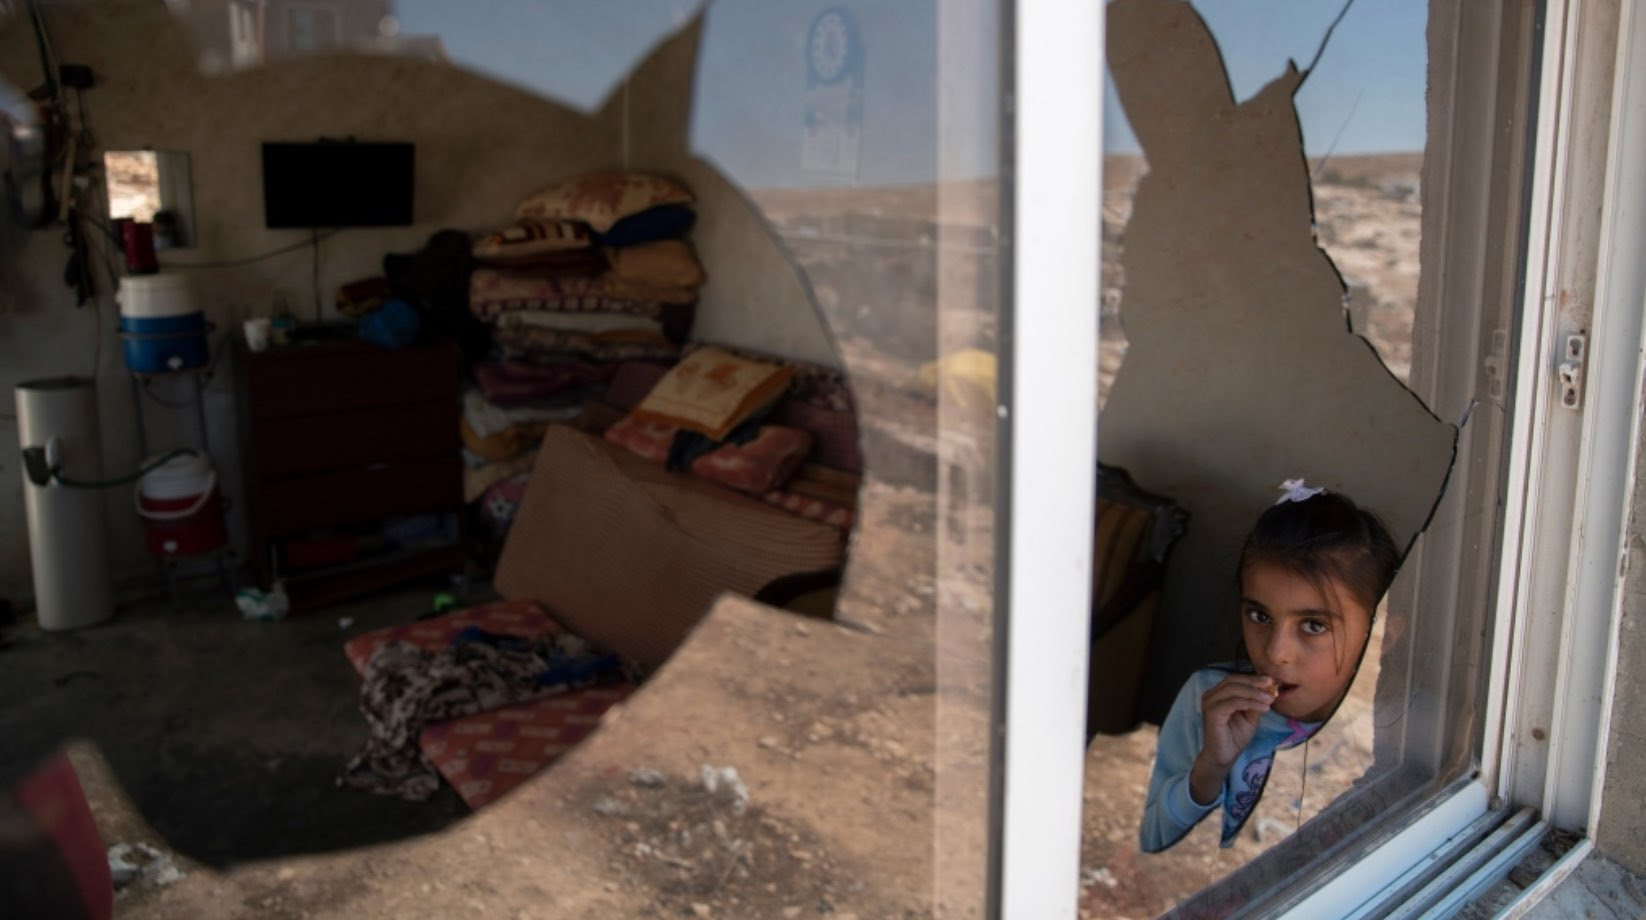 Llegaron riéndose, cargados con piedras… – Por UNRWA